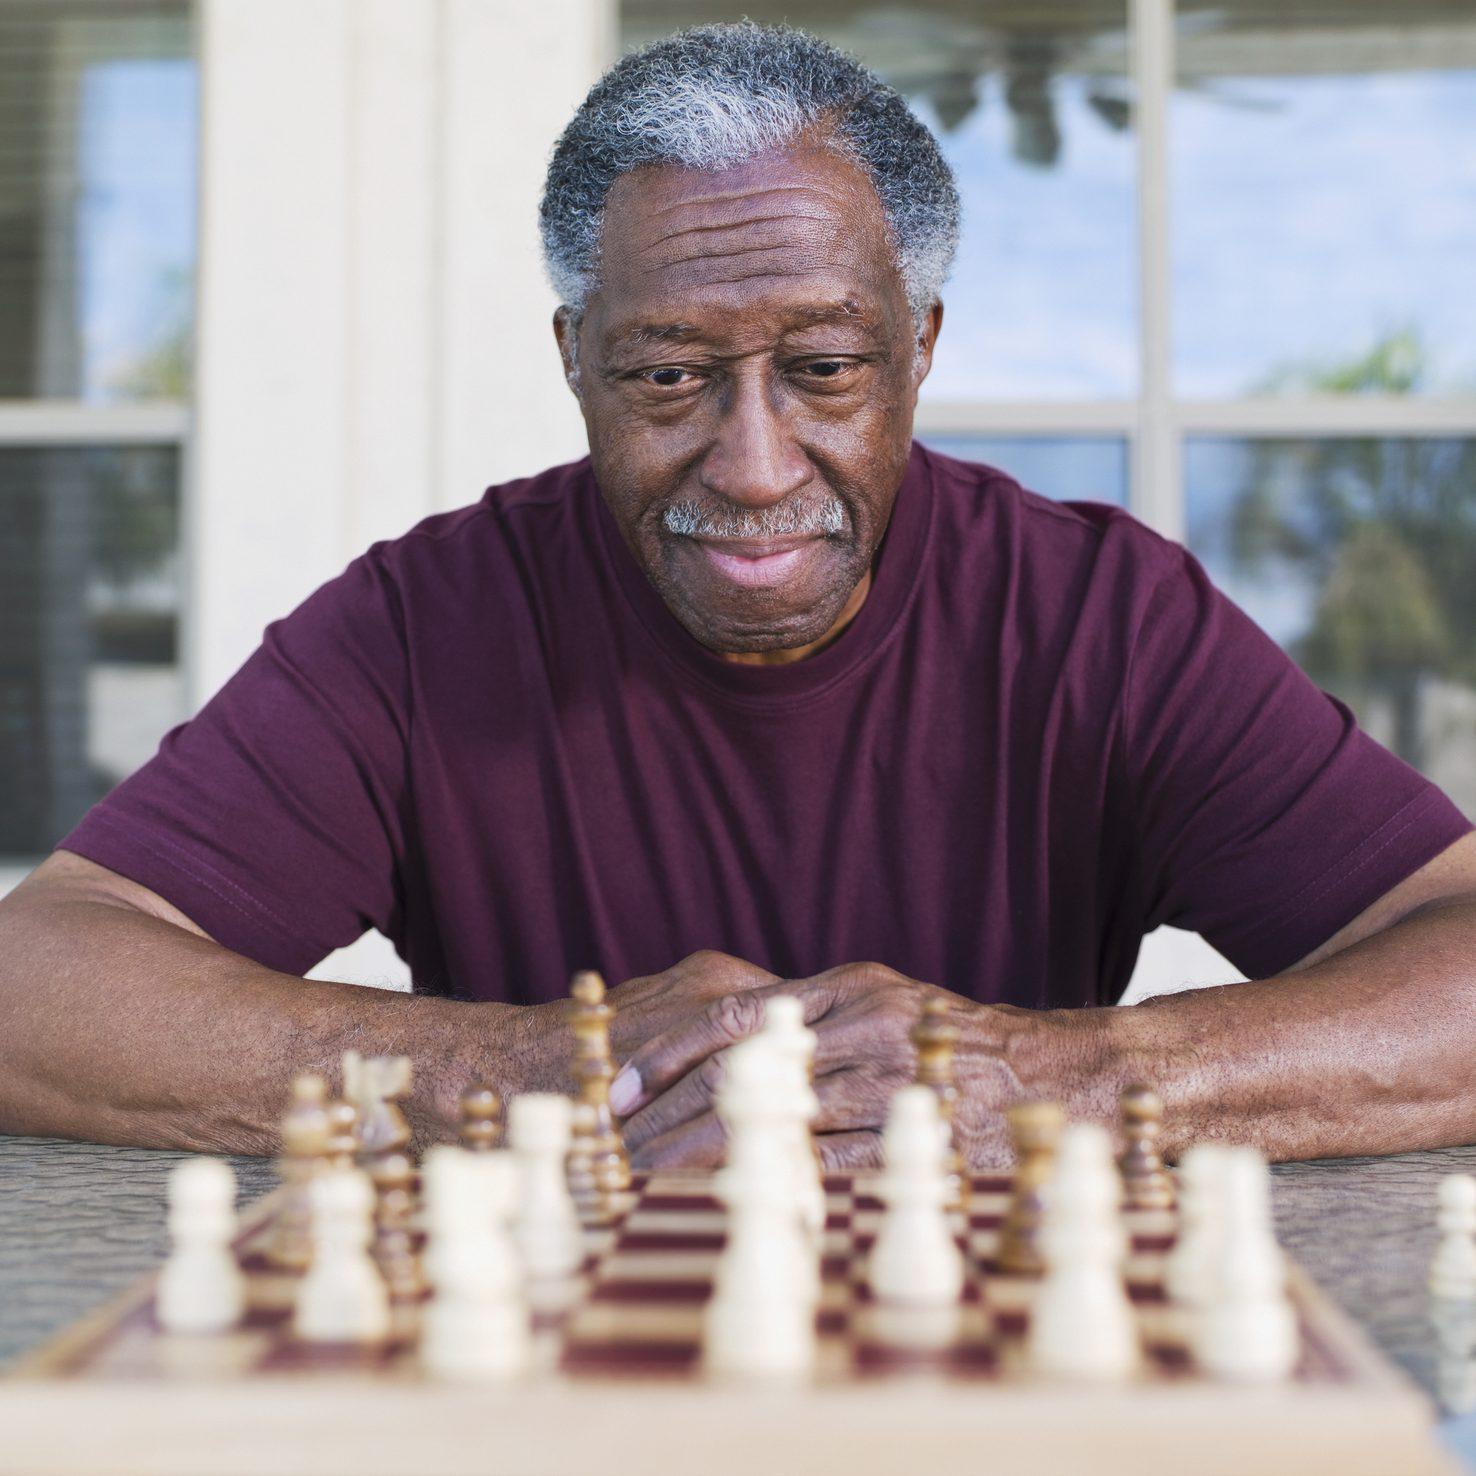 Senior African man playing chess